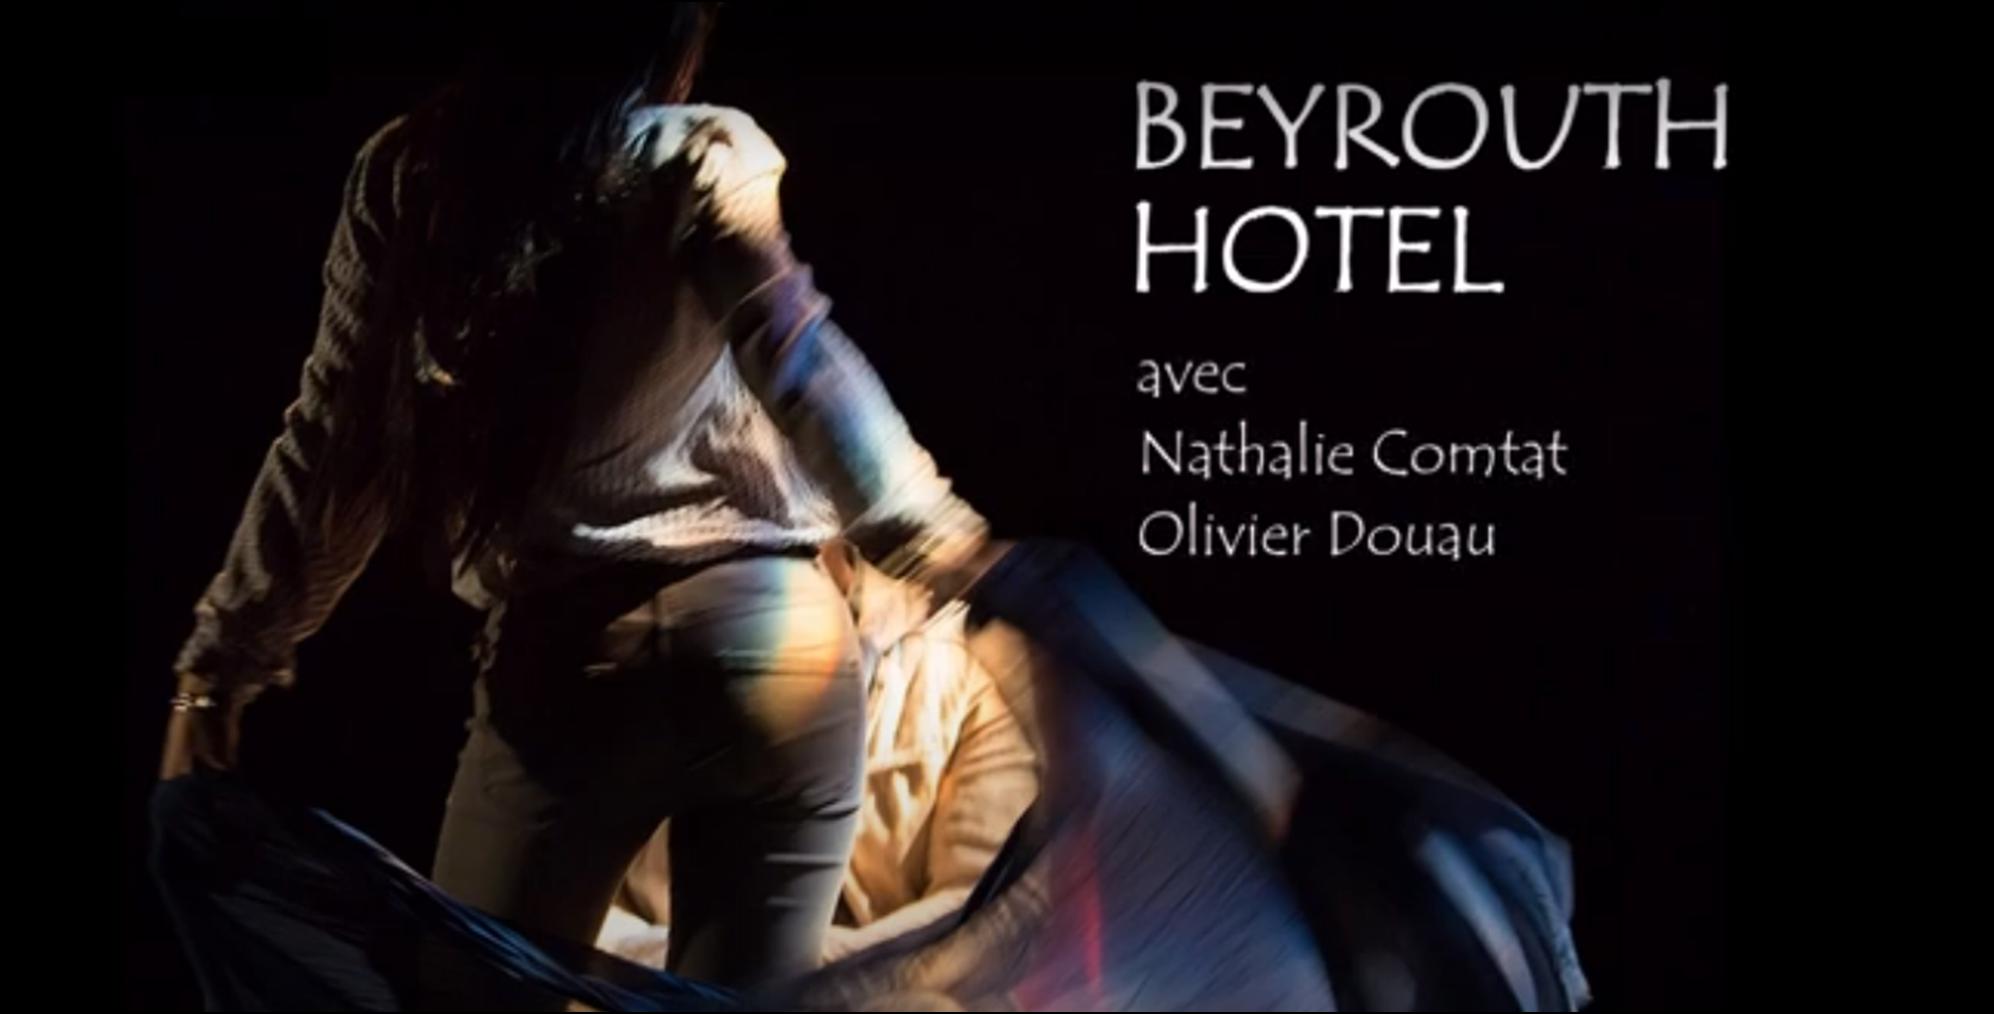 Hôtel Beyrouth, une pièce de théâtre intrigante